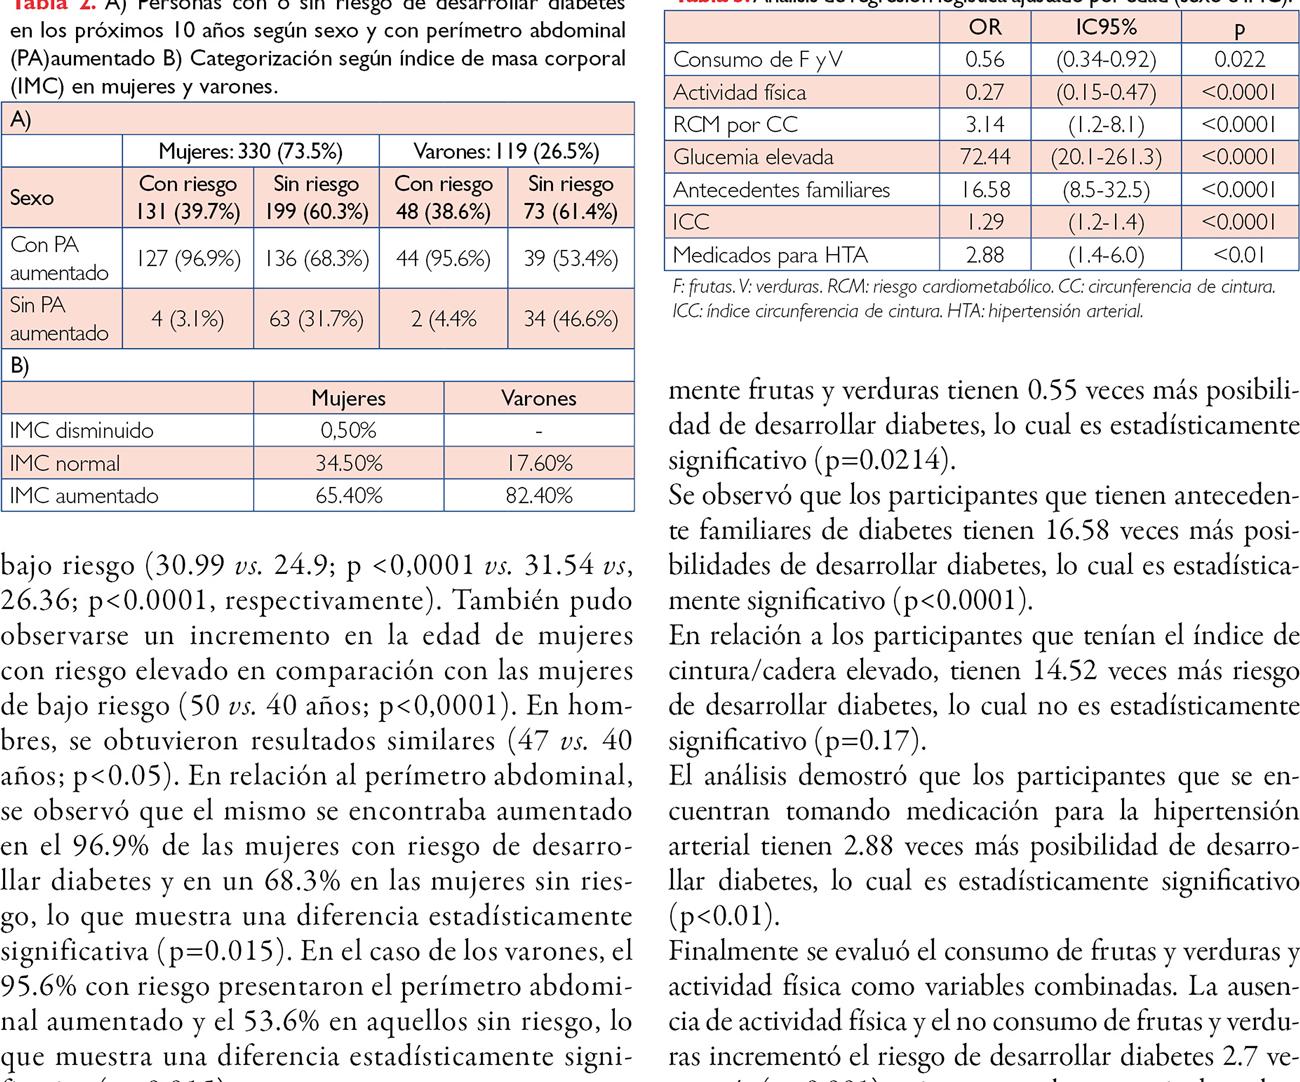 Factores riesgo de desarrollar diabetes tipo 2 en empleados de un hospital de la Ciudad de Buenos Aires